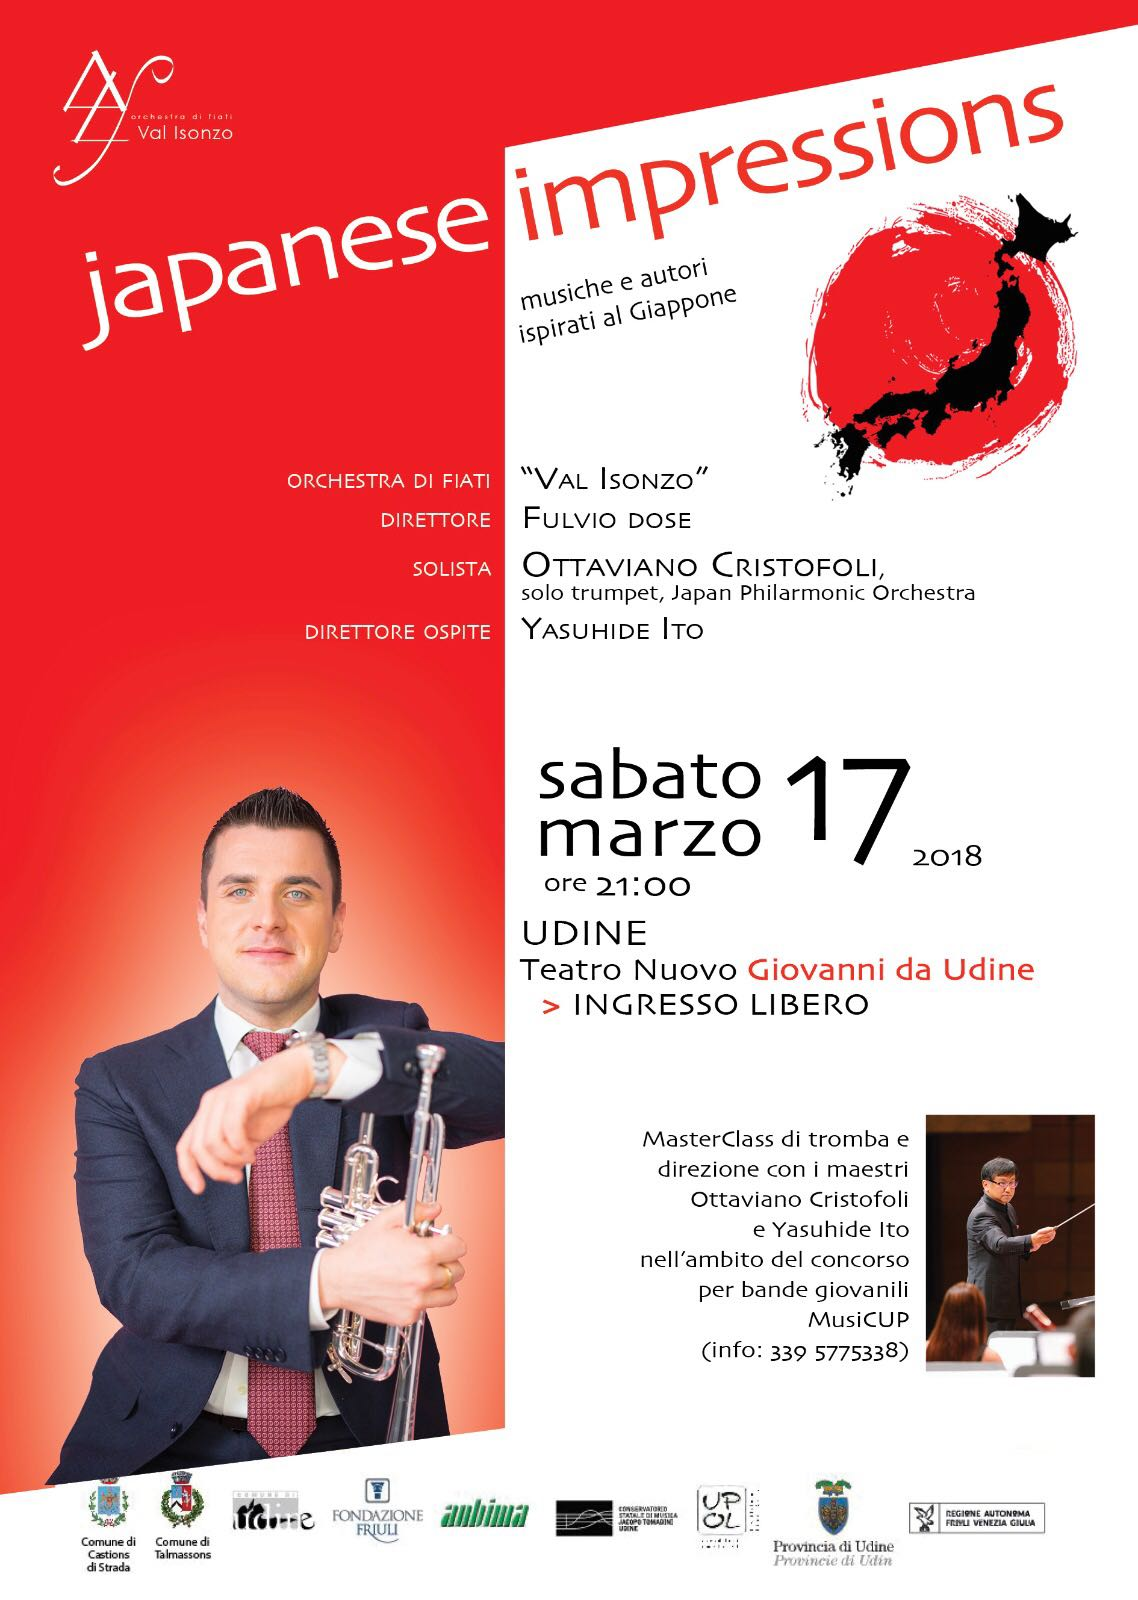 Ottaviano Cristofoli, vicepresidente del Fogolâr Furlan di Tokyo, in concerto a Udine (sabato 17 marzo, ore 21.00, Teatro Nuovo Giovanni da Udine).